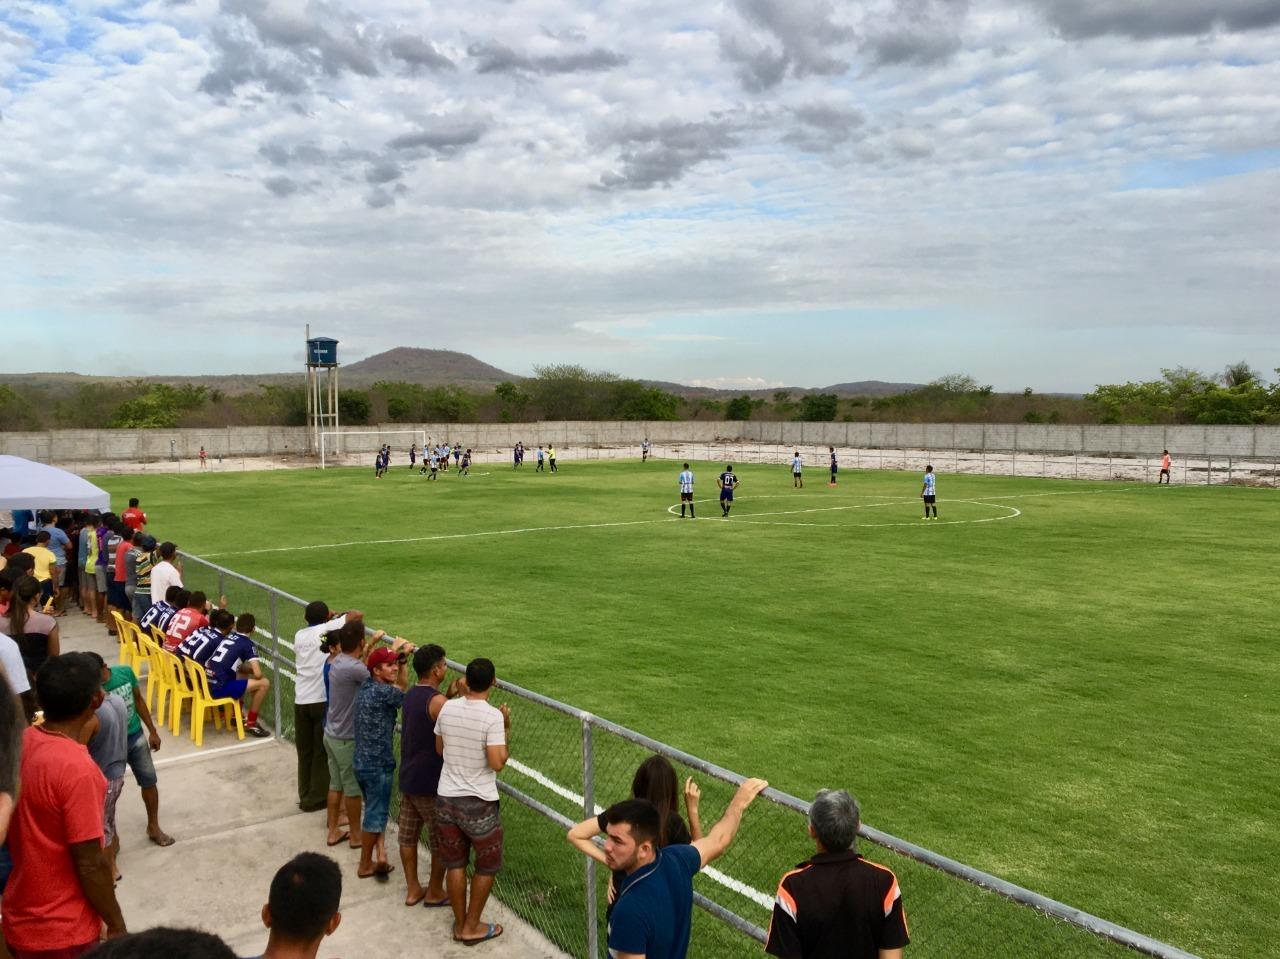 Estádio Municipal João Cardoso de Brito